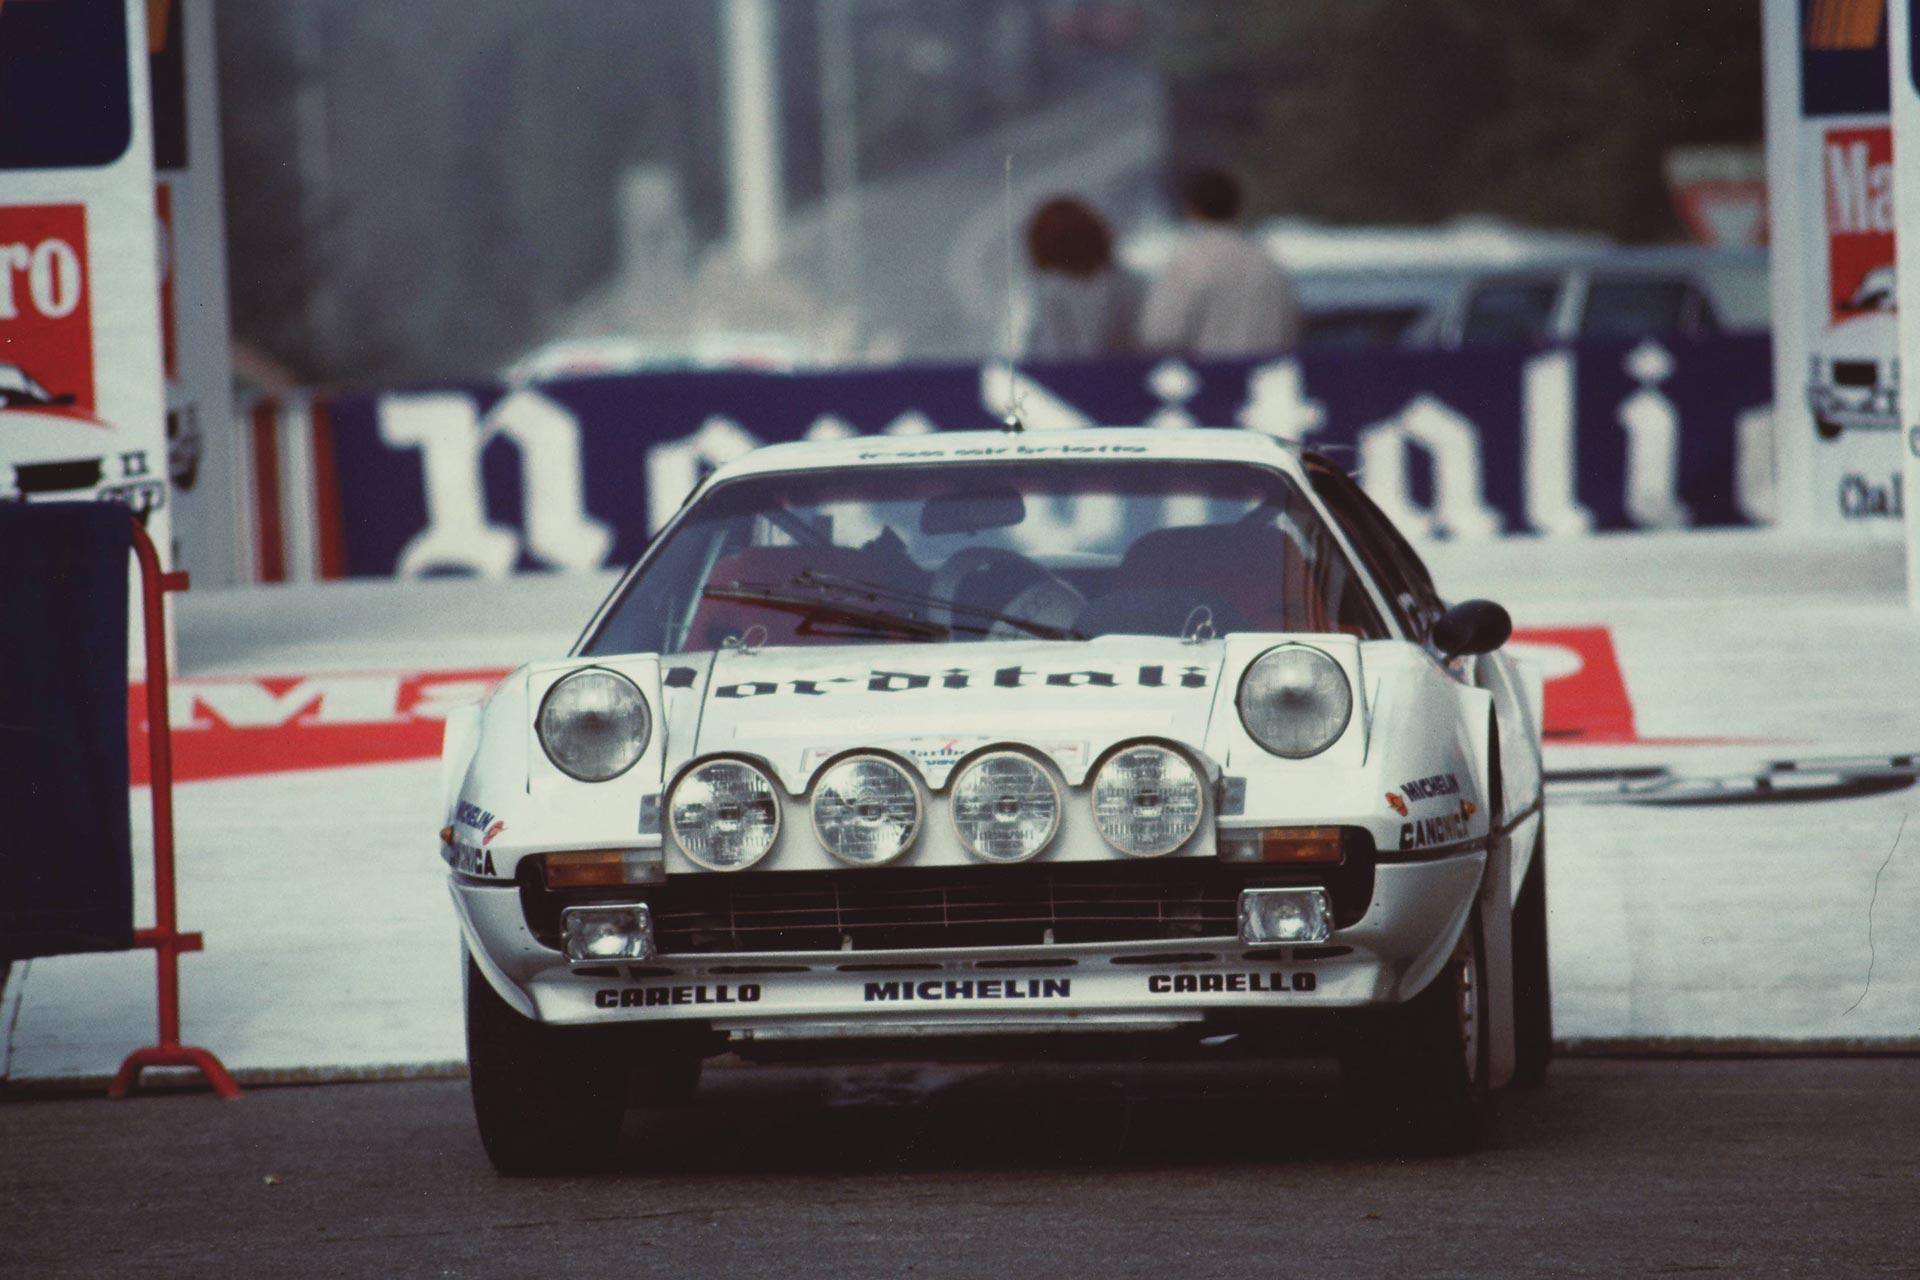 Ferrari-308-GTB-Michelotto-Group-B-for-sale-33